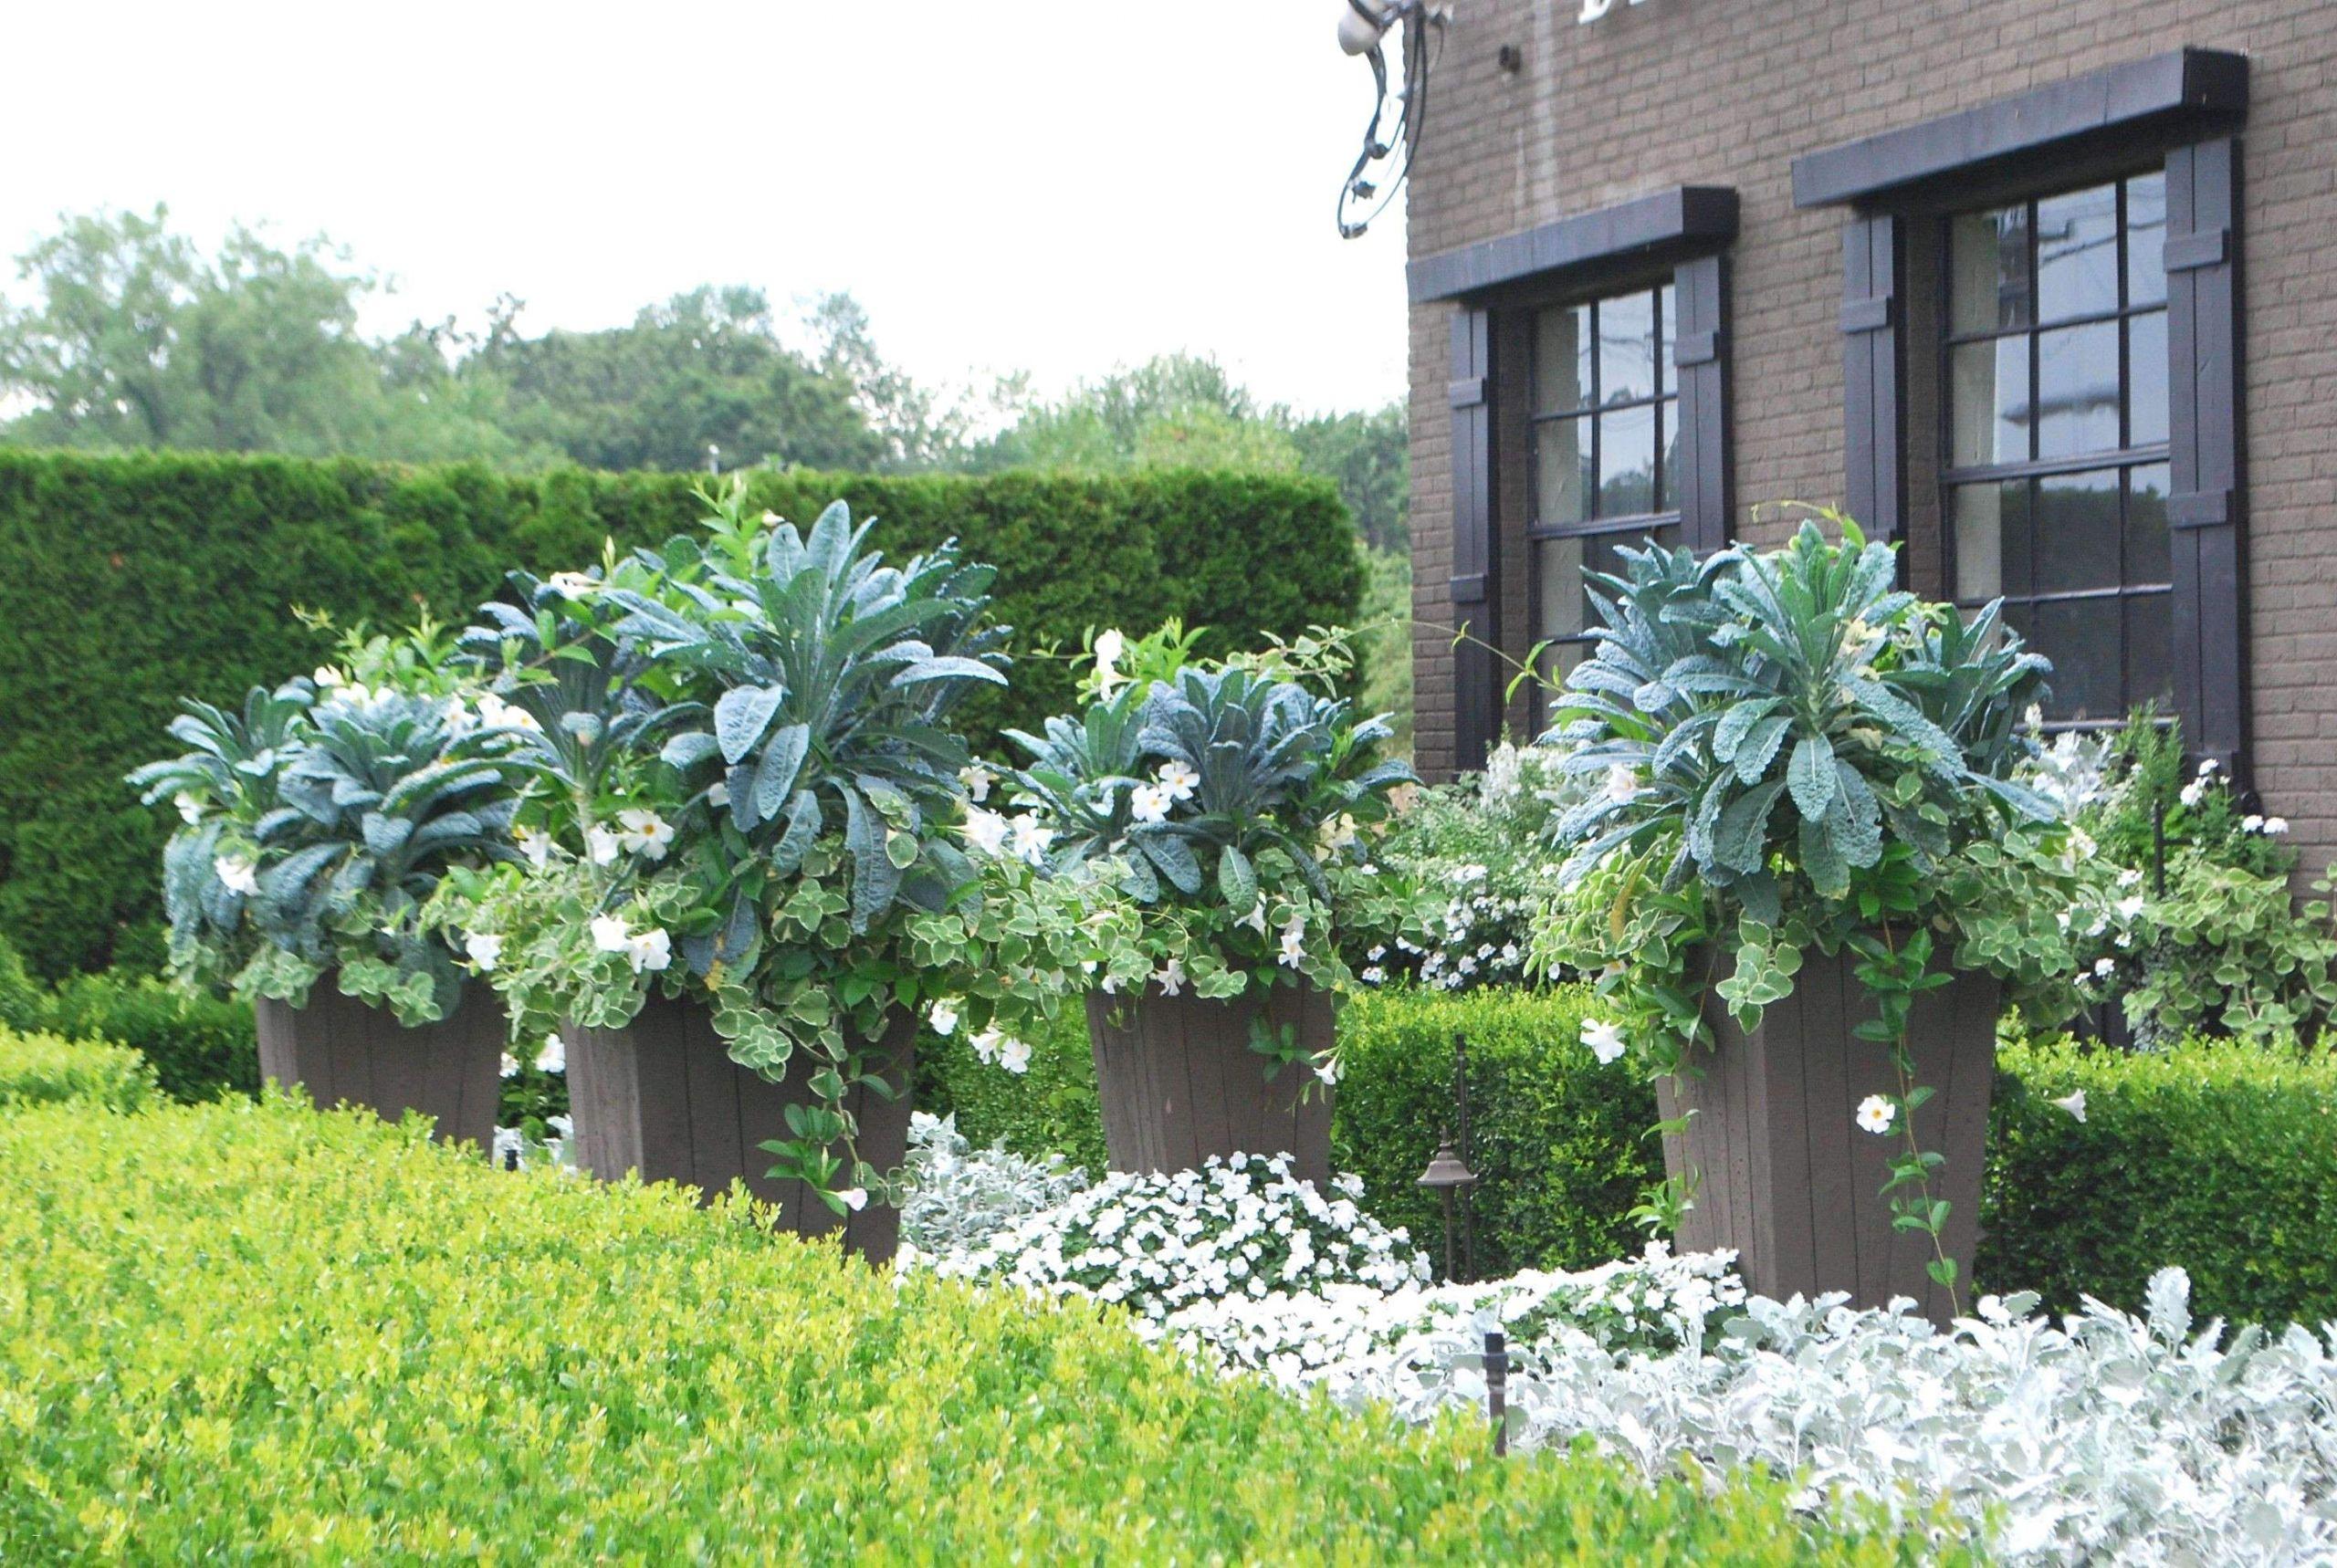 garten sichtschutz genial garten katalog inspirierend terrasse sichtschutz terrasse of garten sichtschutz scaled